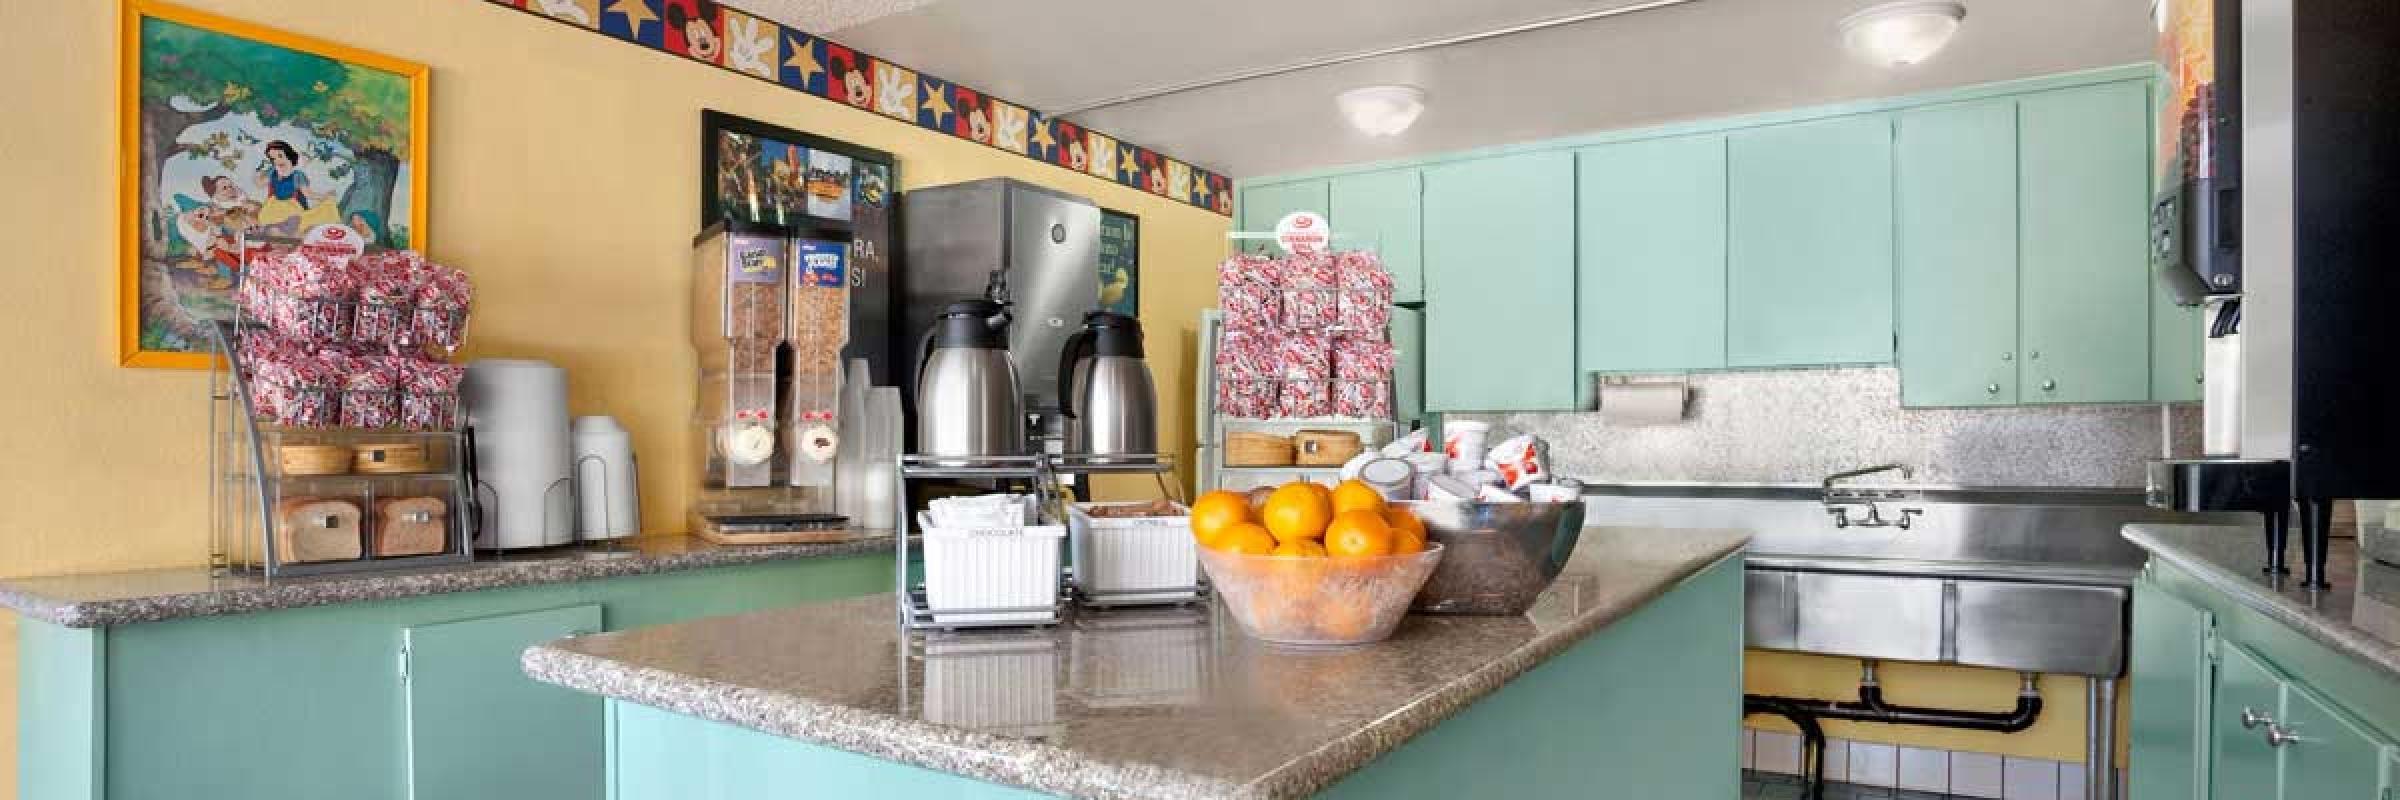 2 Bedroom Suites Near Disneyland Part - 48: ... Op-Breakfast-Room ...